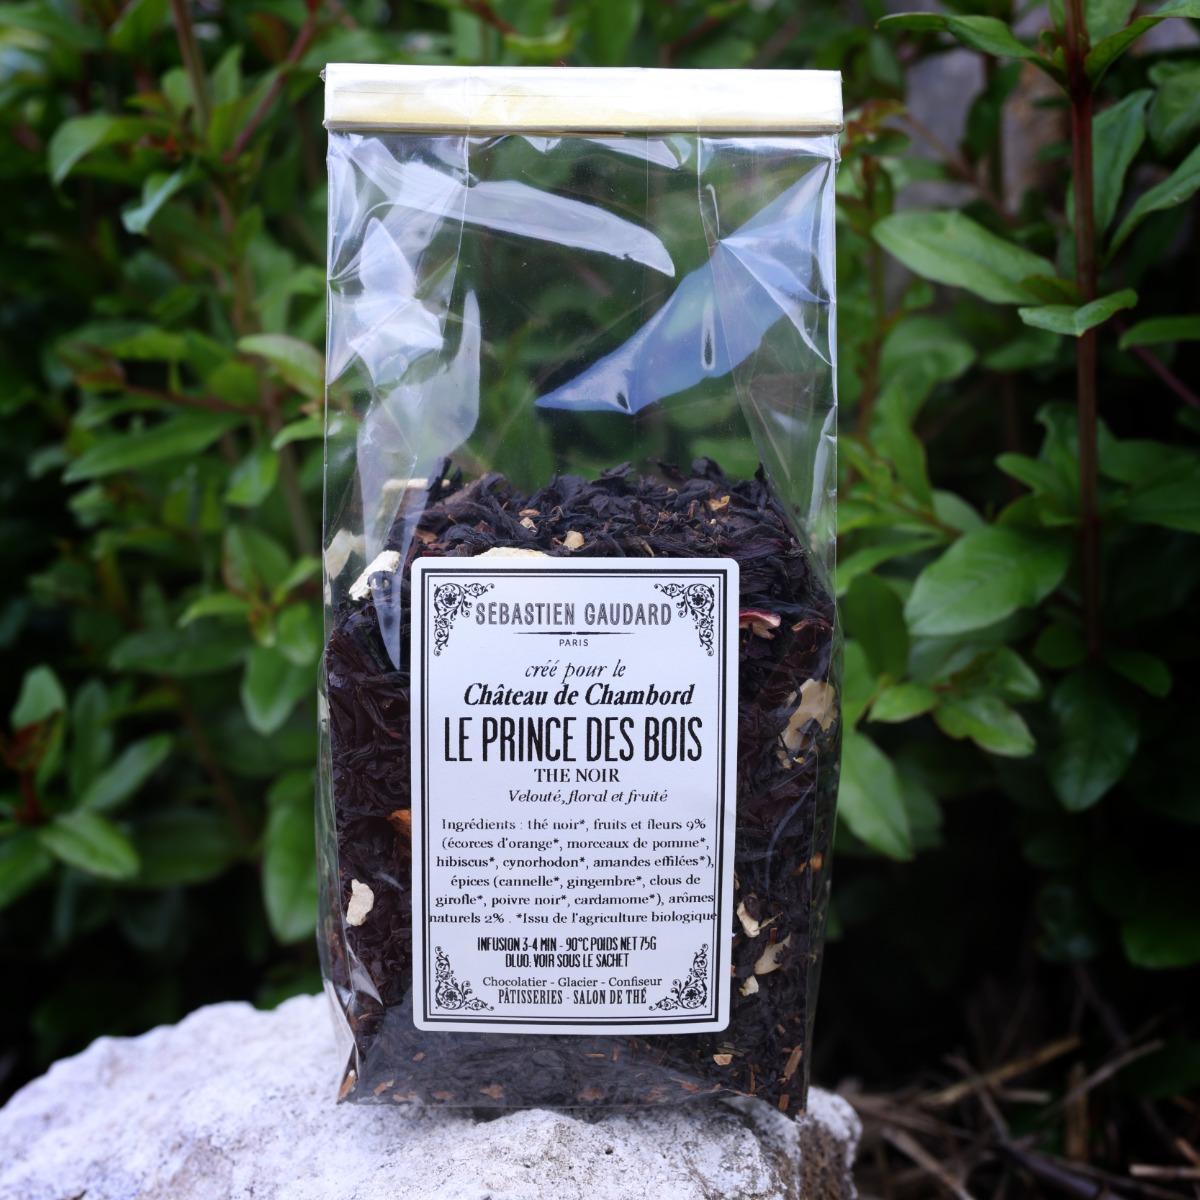 Thé noir, Prince des bois, S.GAUDARD